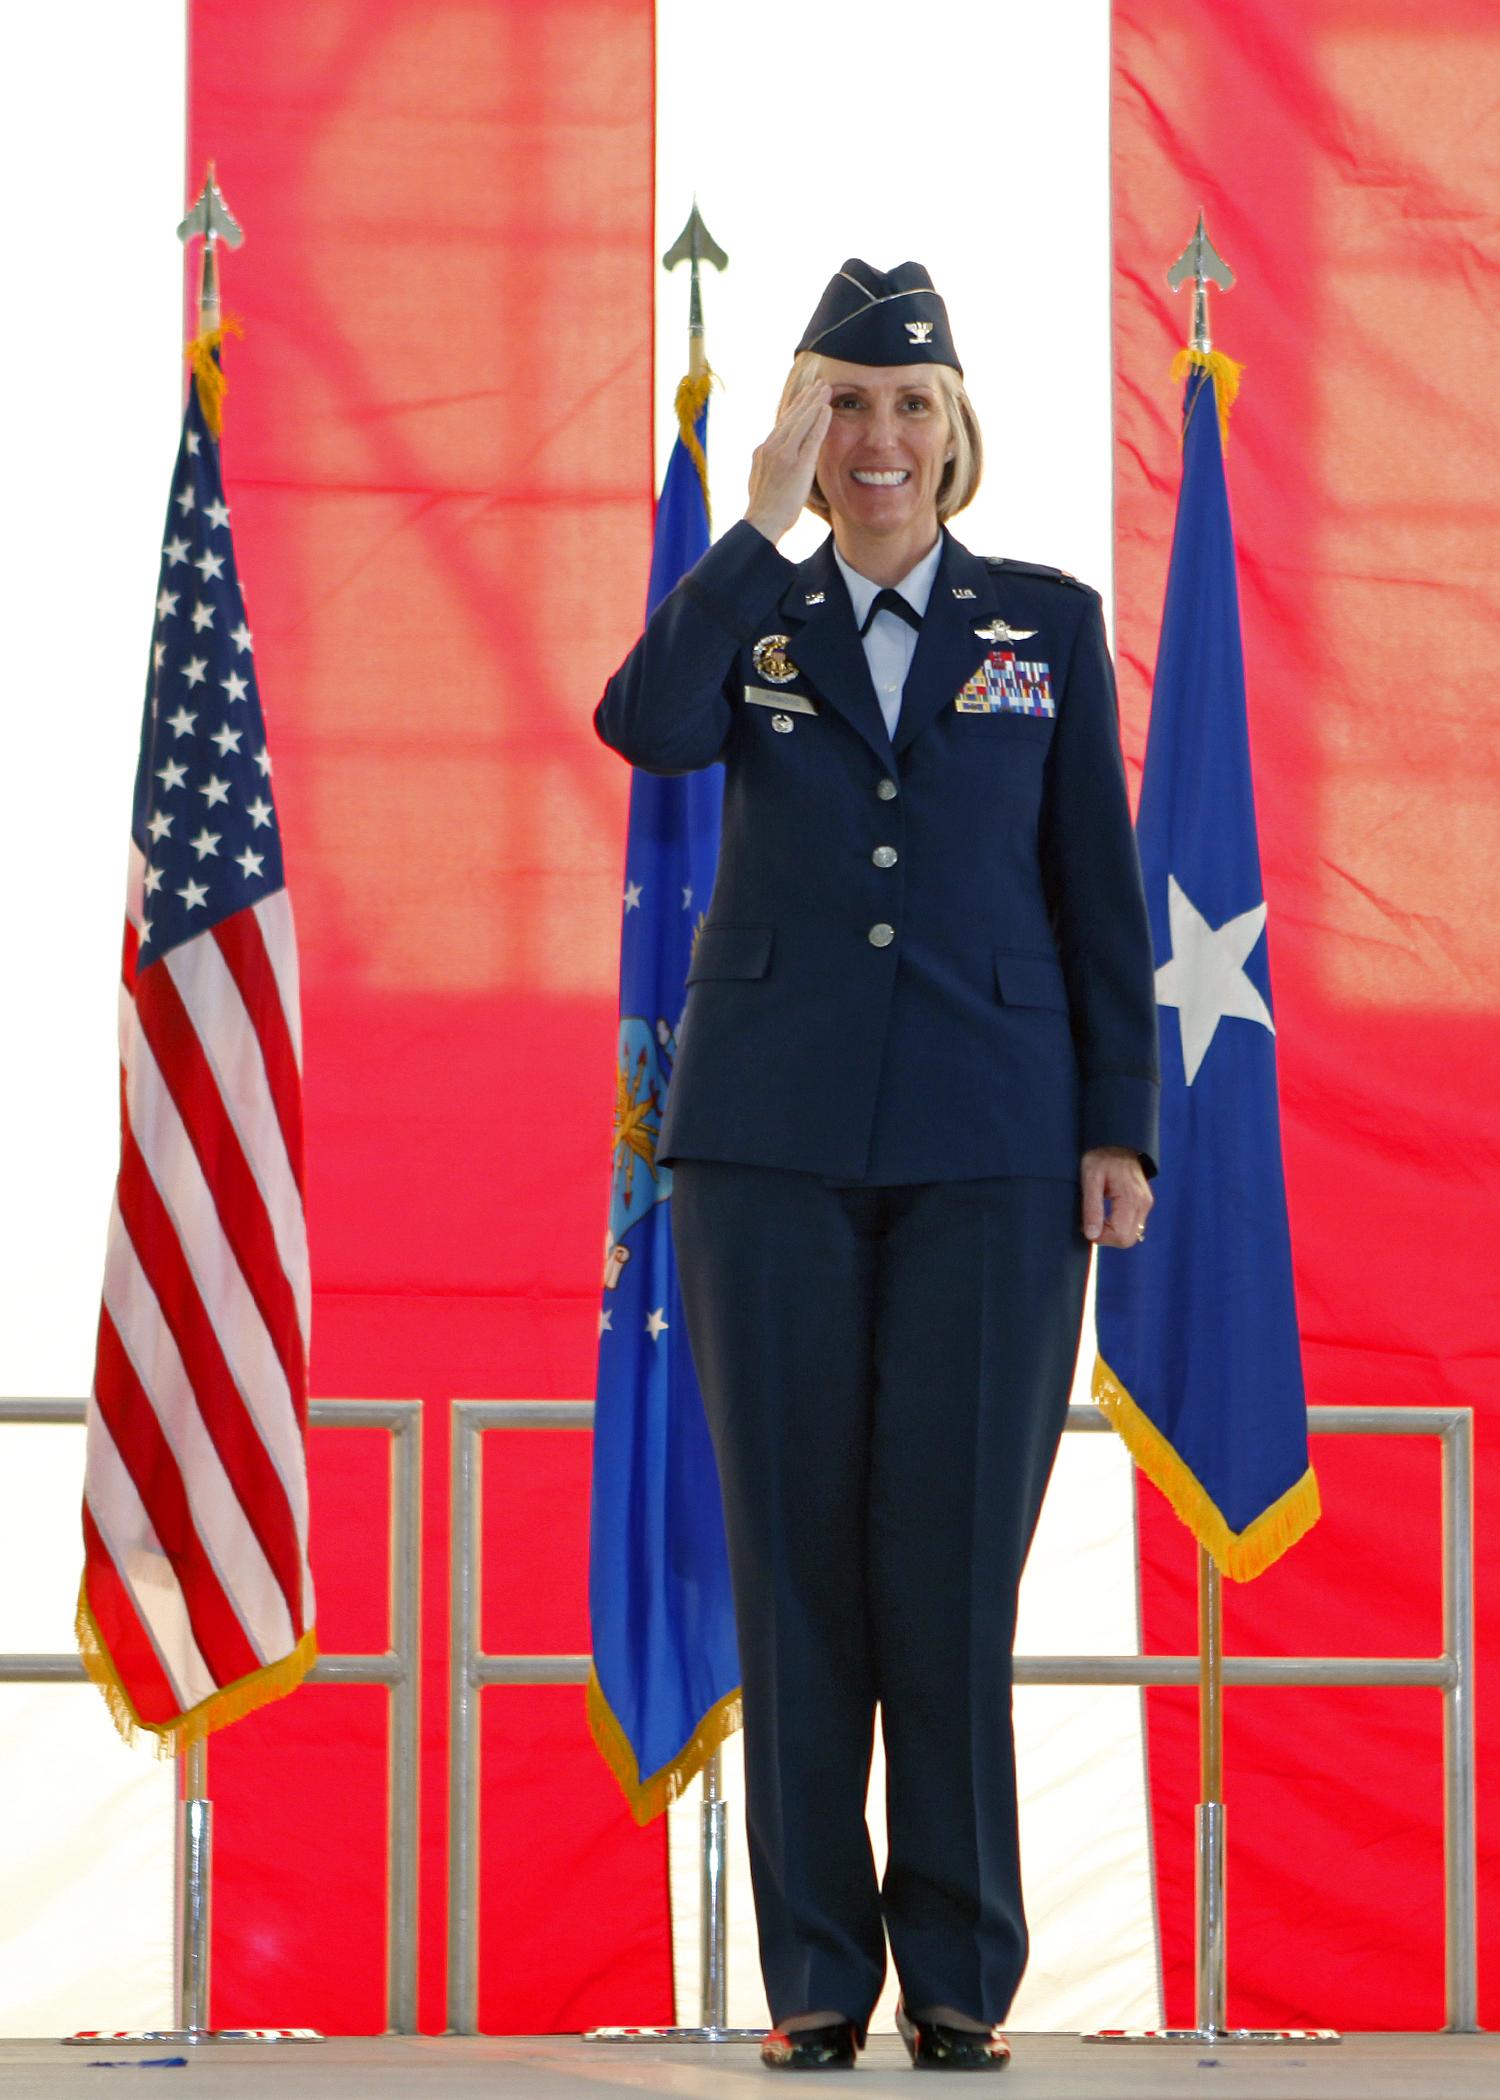 95th Air Base Wing